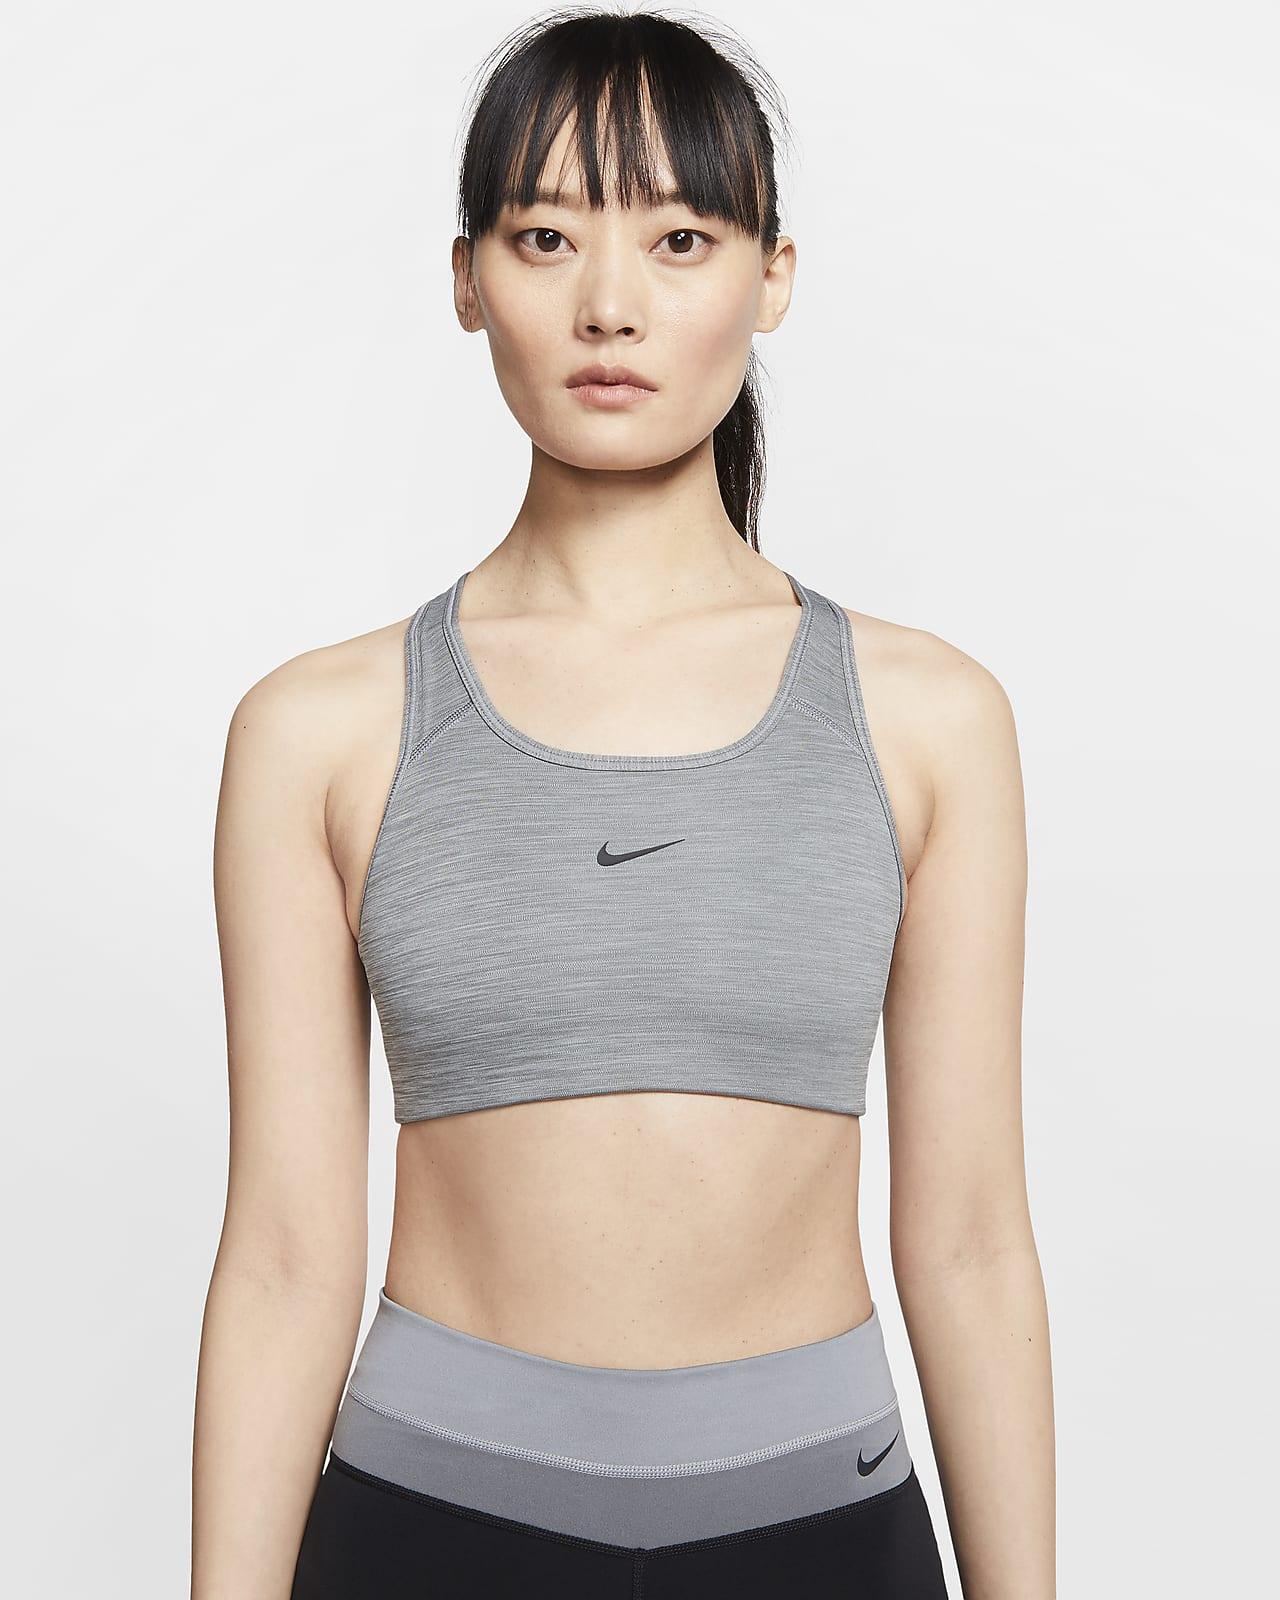 Nike Dri-FIT Swoosh Orta Destekli Tek Parça Pedli Kadın Spor Sütyeni